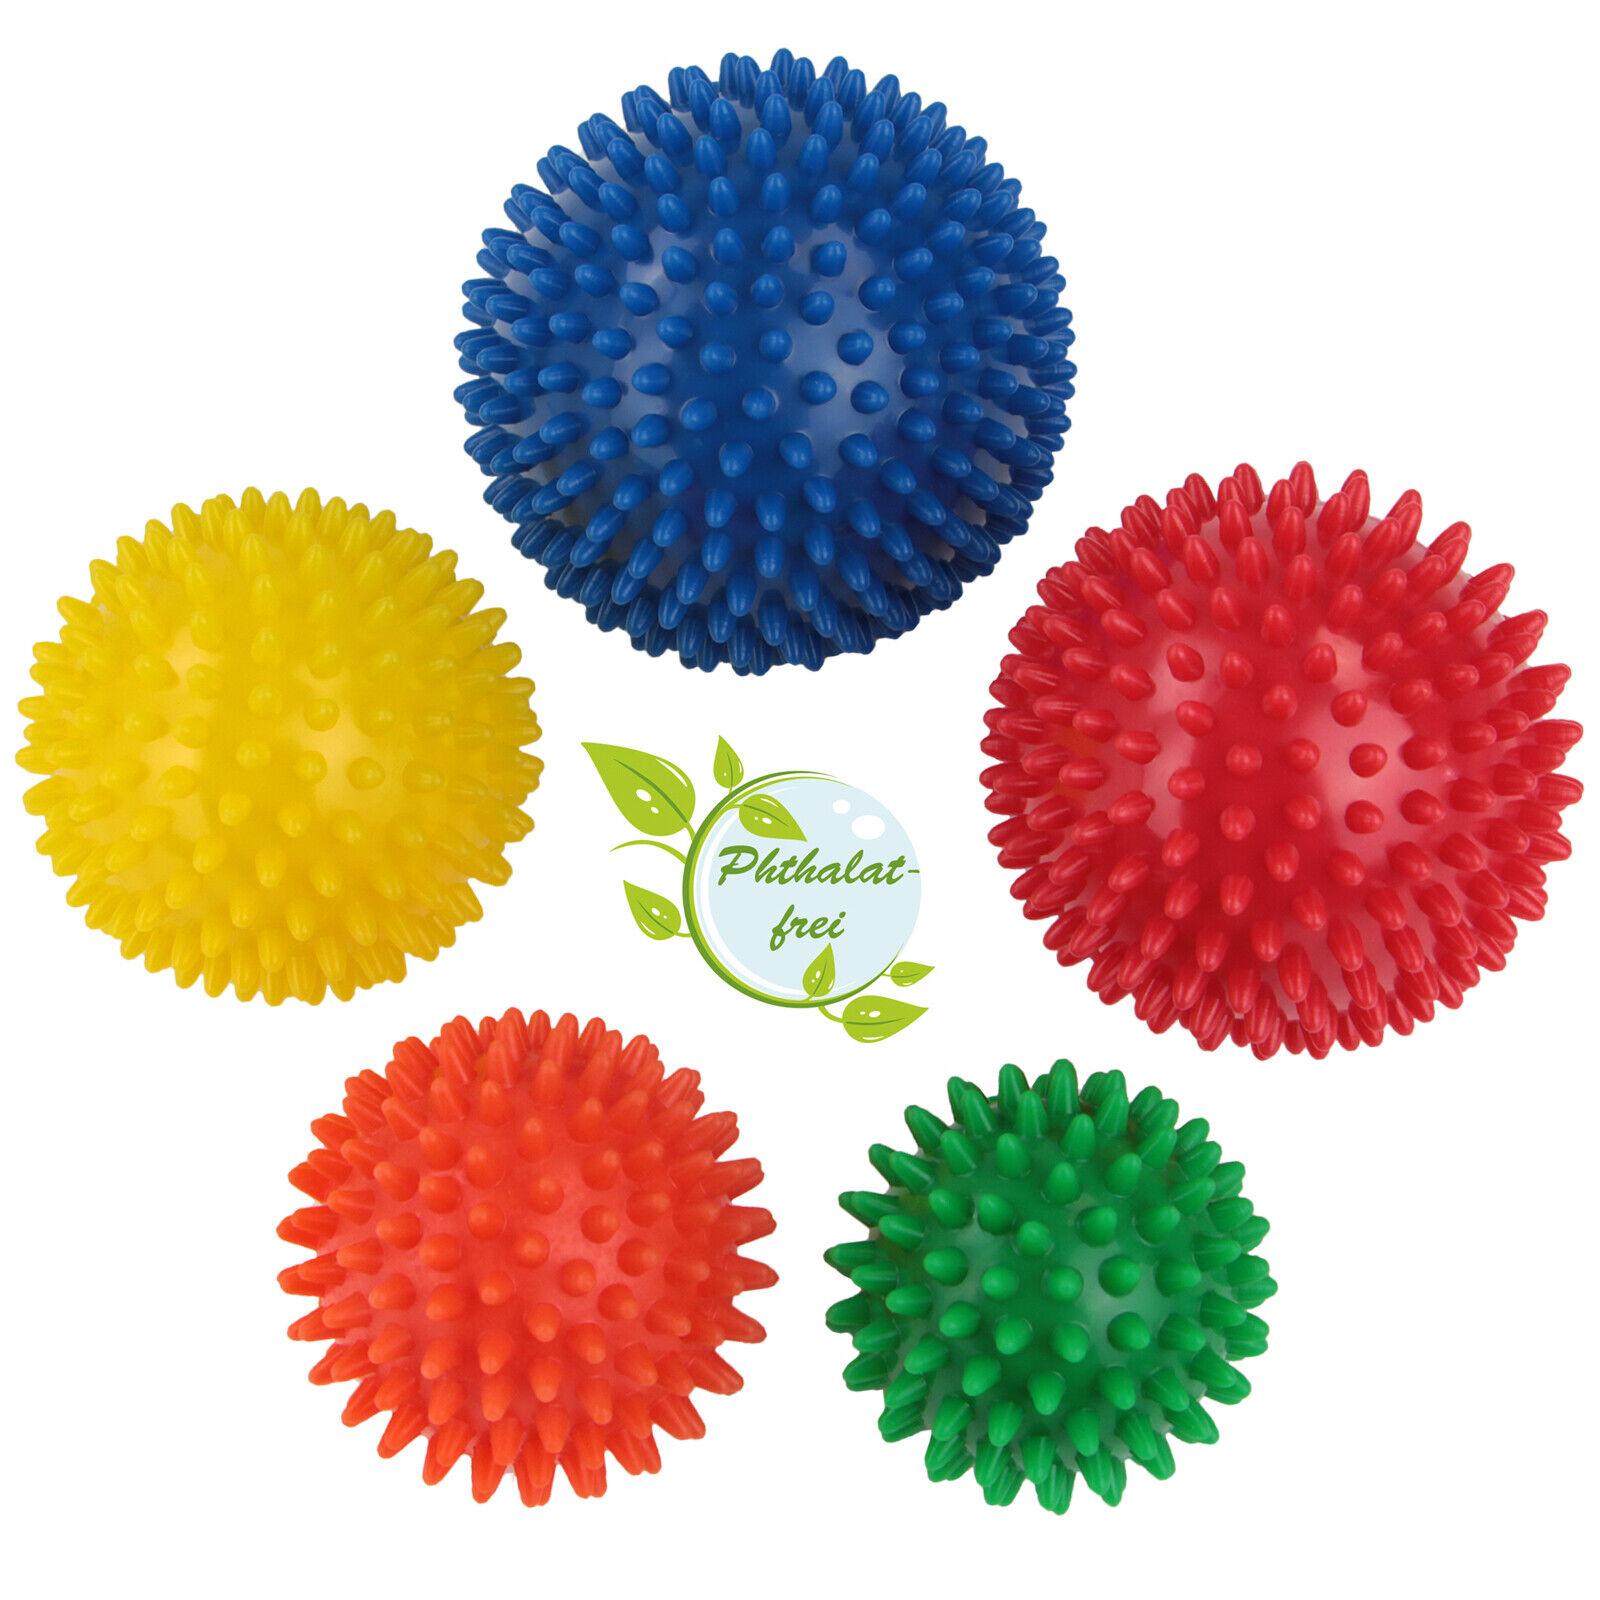 Igelbälle von BB Sport Noppenball Massagebälle Massageball Set Igelball